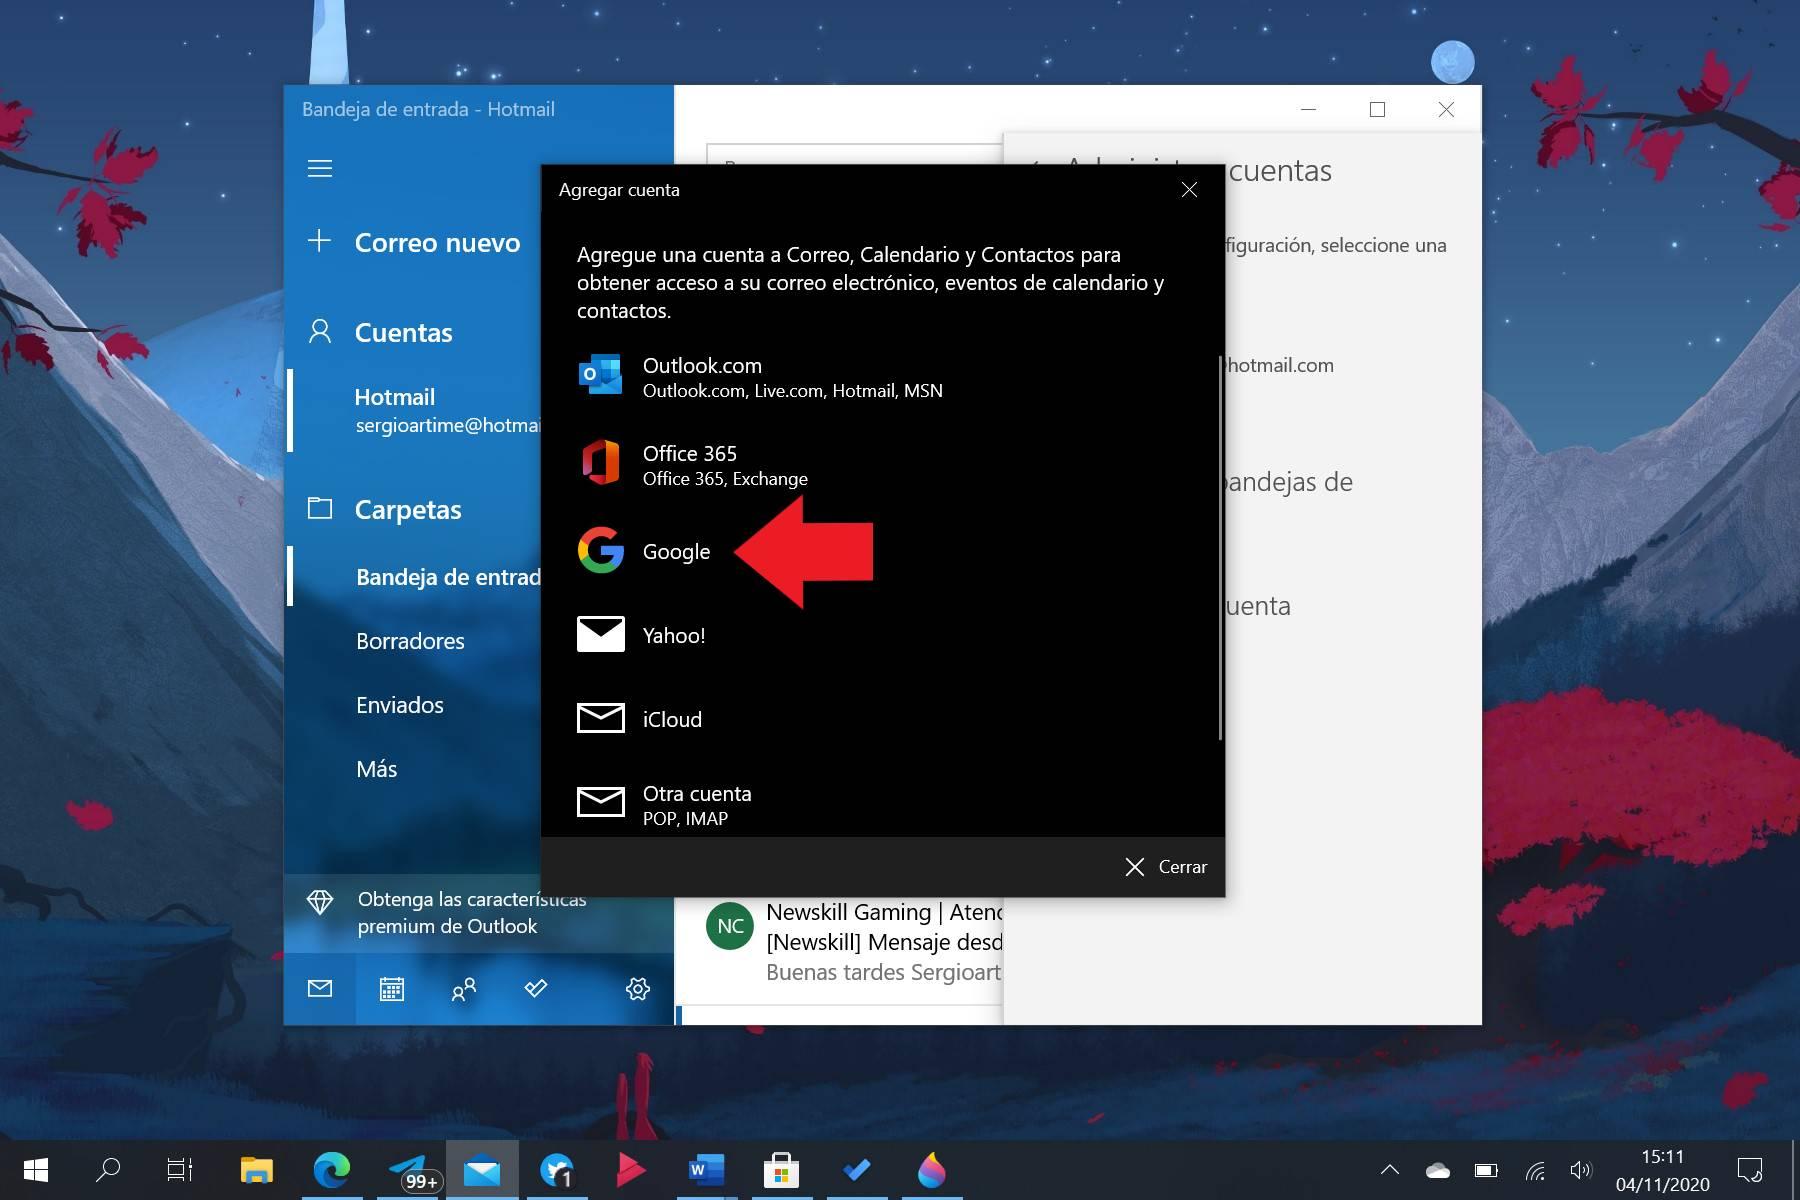 Agregar cuenta de Gmail al Correo de Windows 10